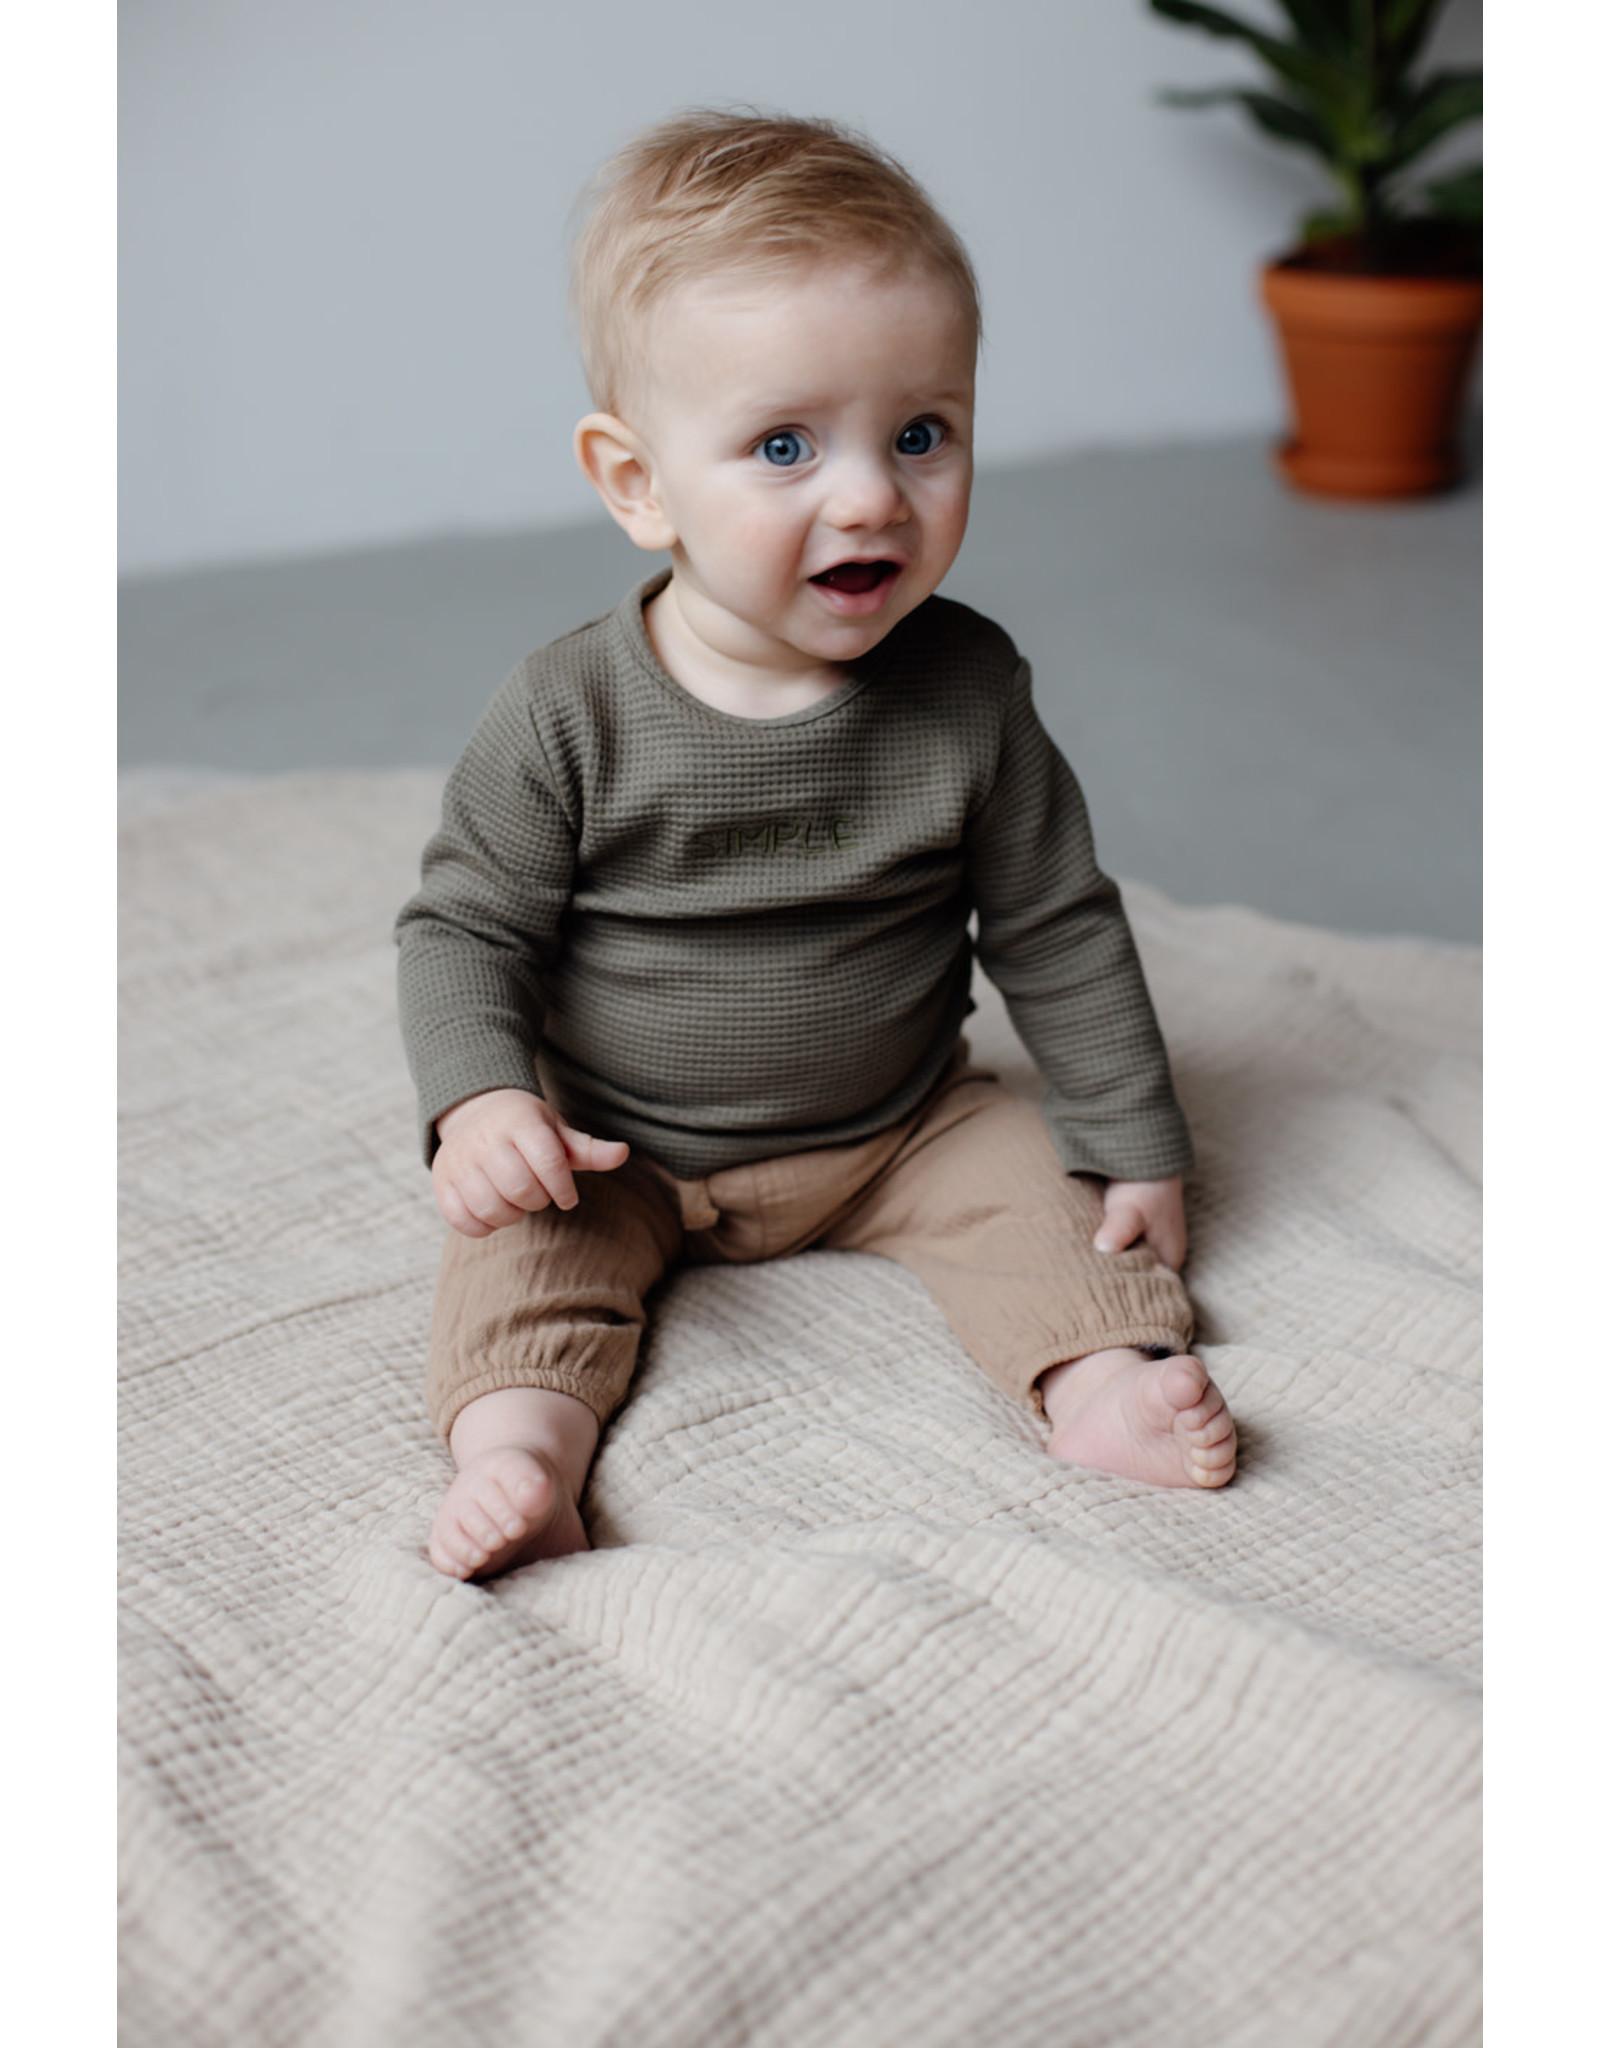 LEVV Levv newborn baby jongens shirt Bastin Green Olive